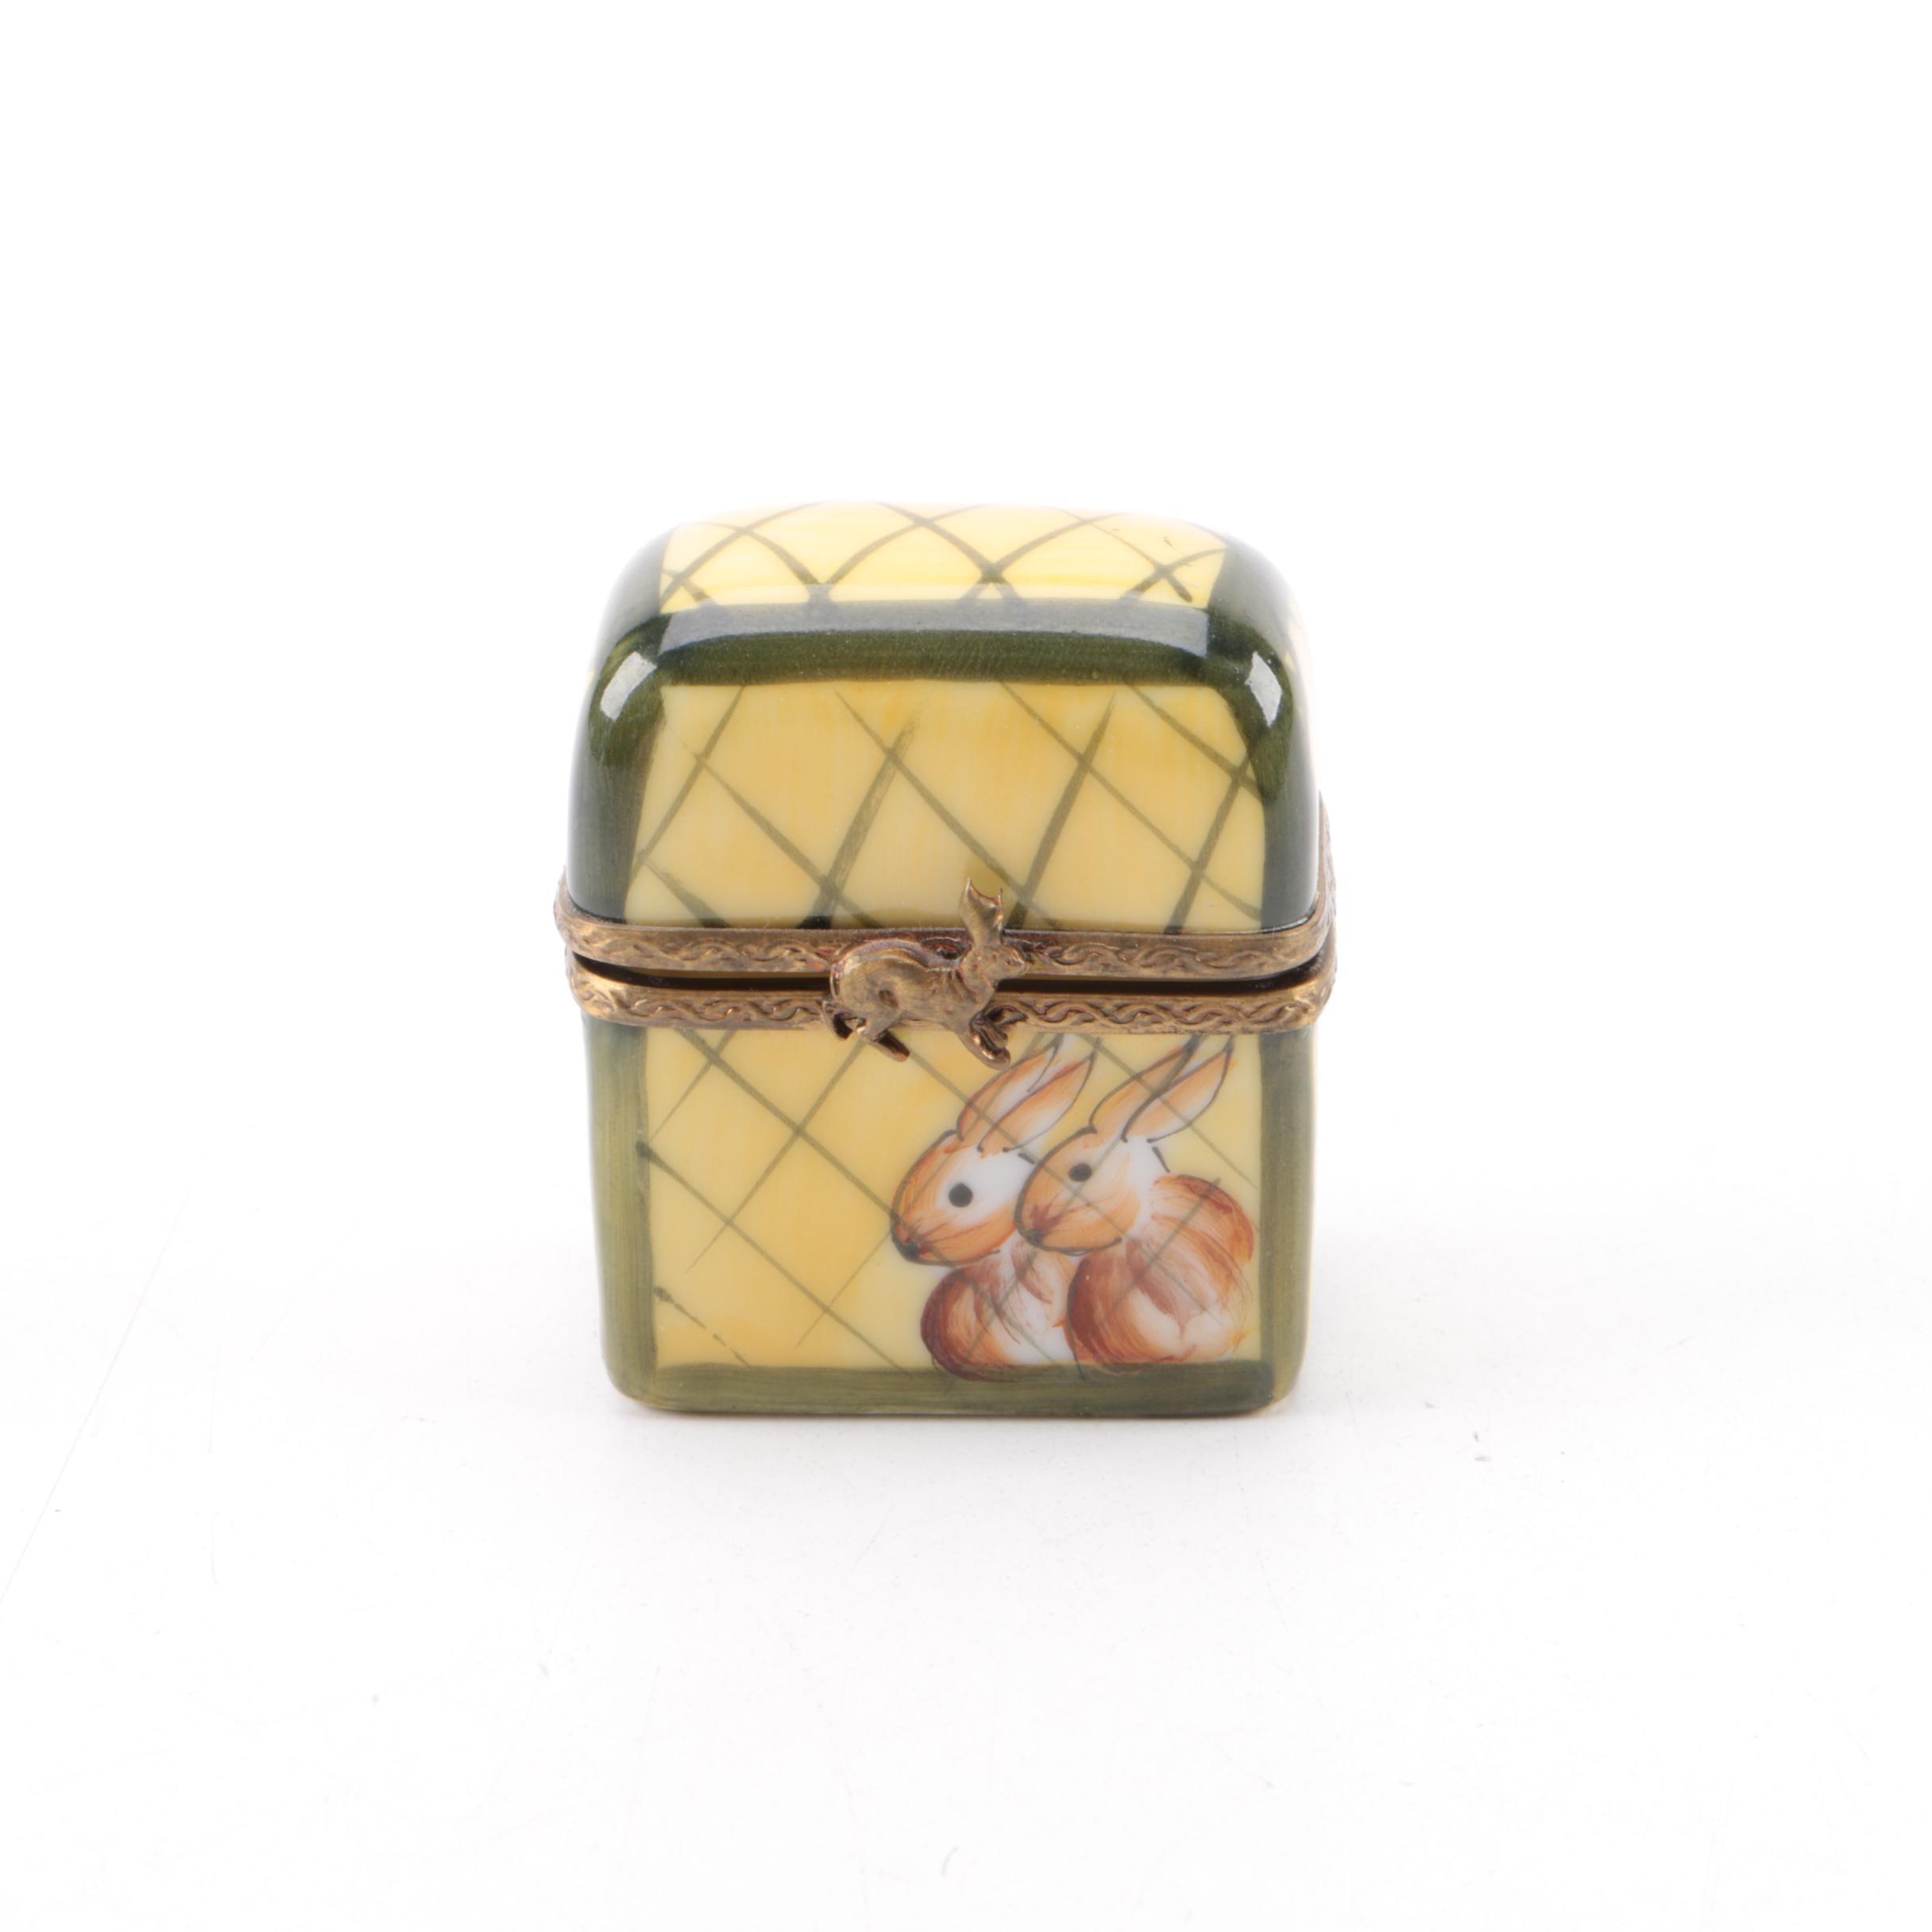 Limoges Bunny Crate Shaped Porcelain Trinket Box